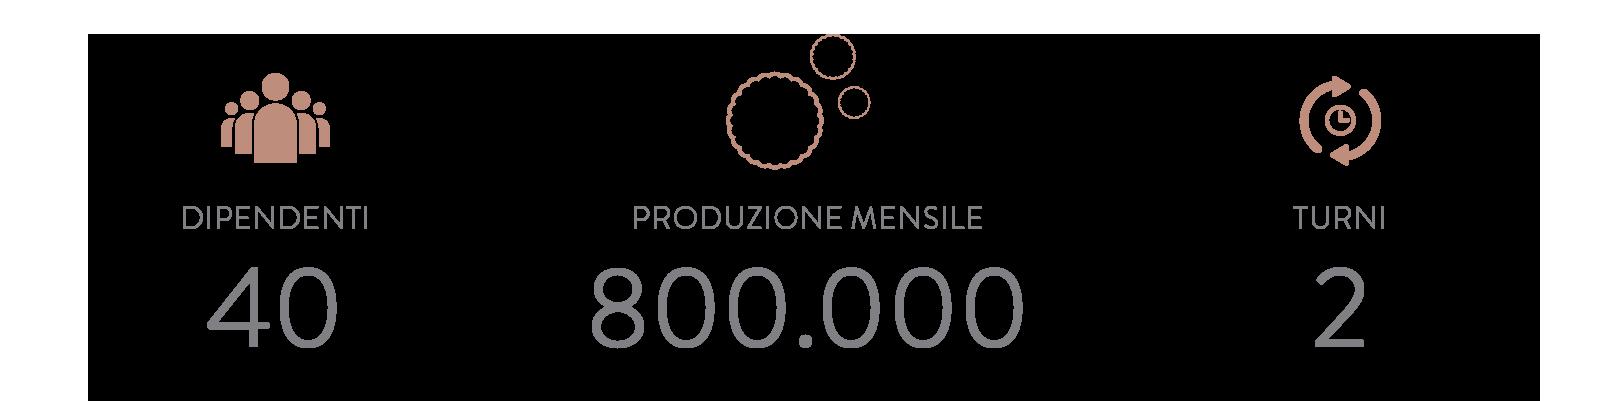 company production data